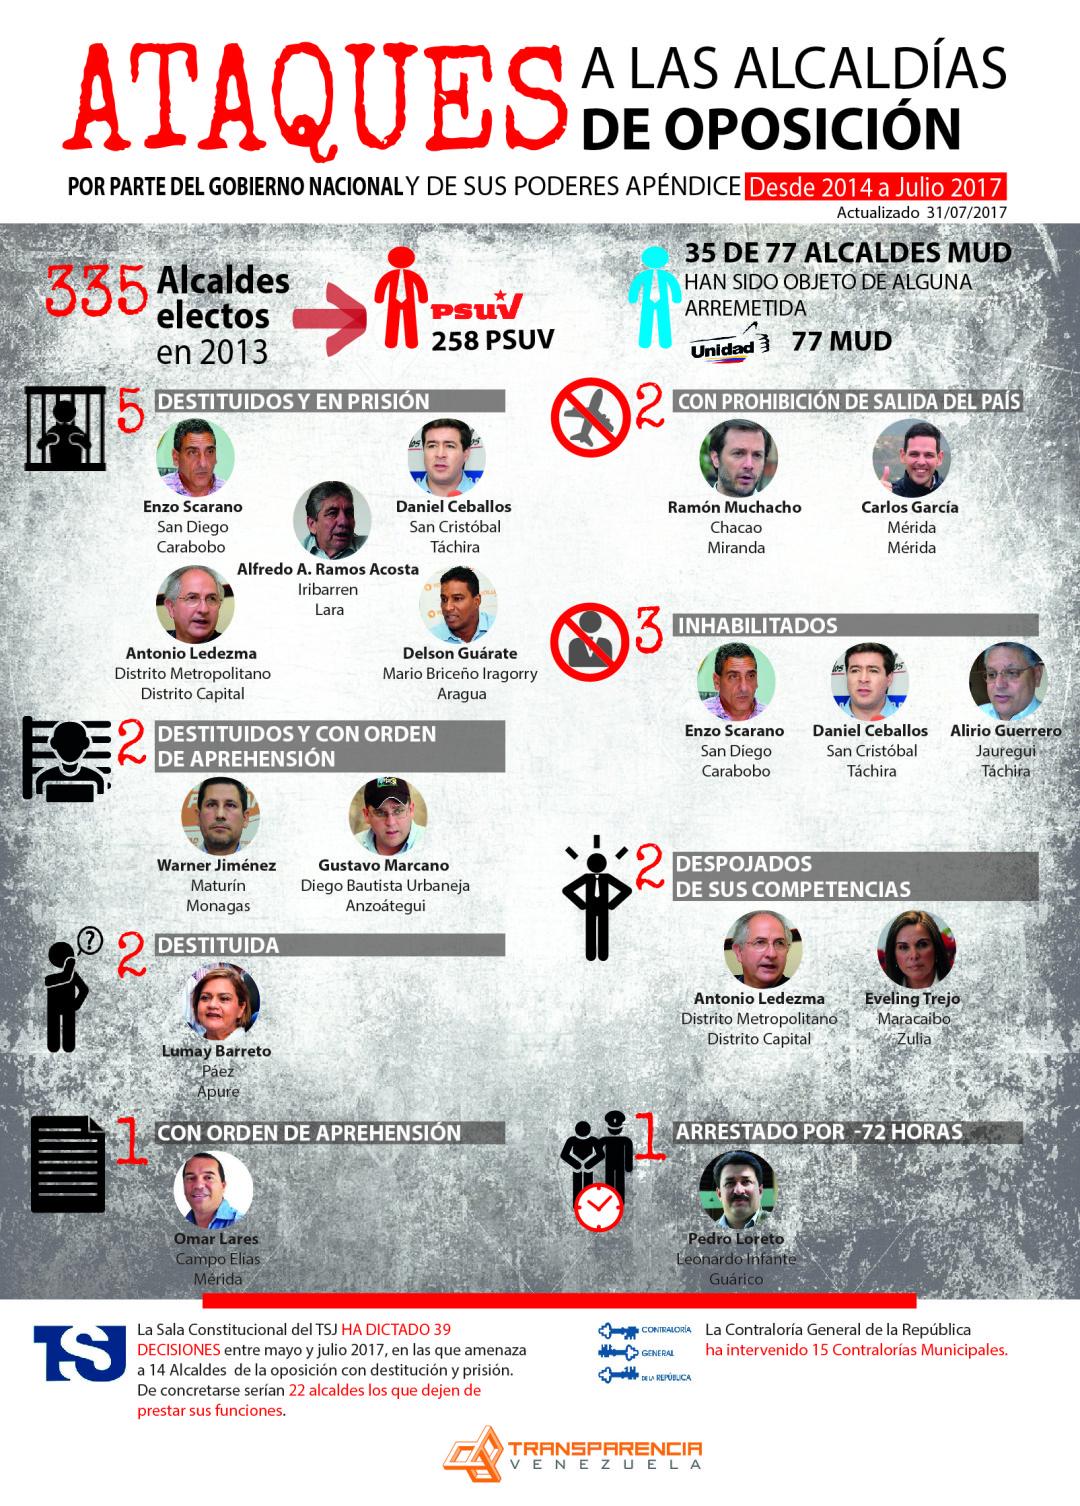 INFO - Ataques alcaldias oposición Transparencia